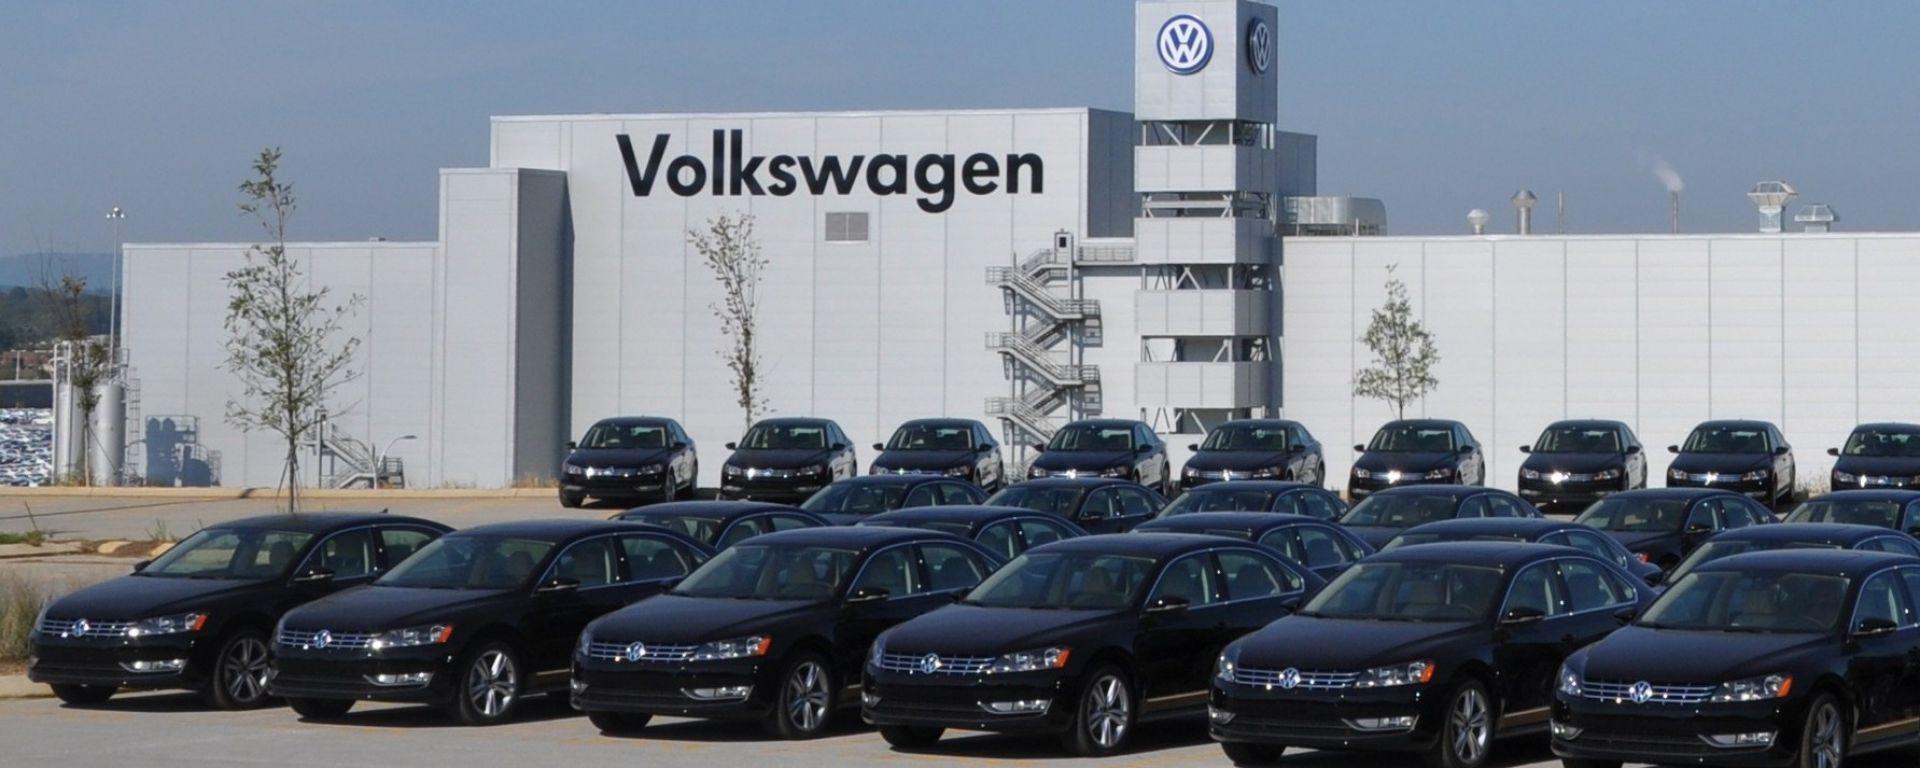 Volkswagen, negli Usa ora grana discriminazione